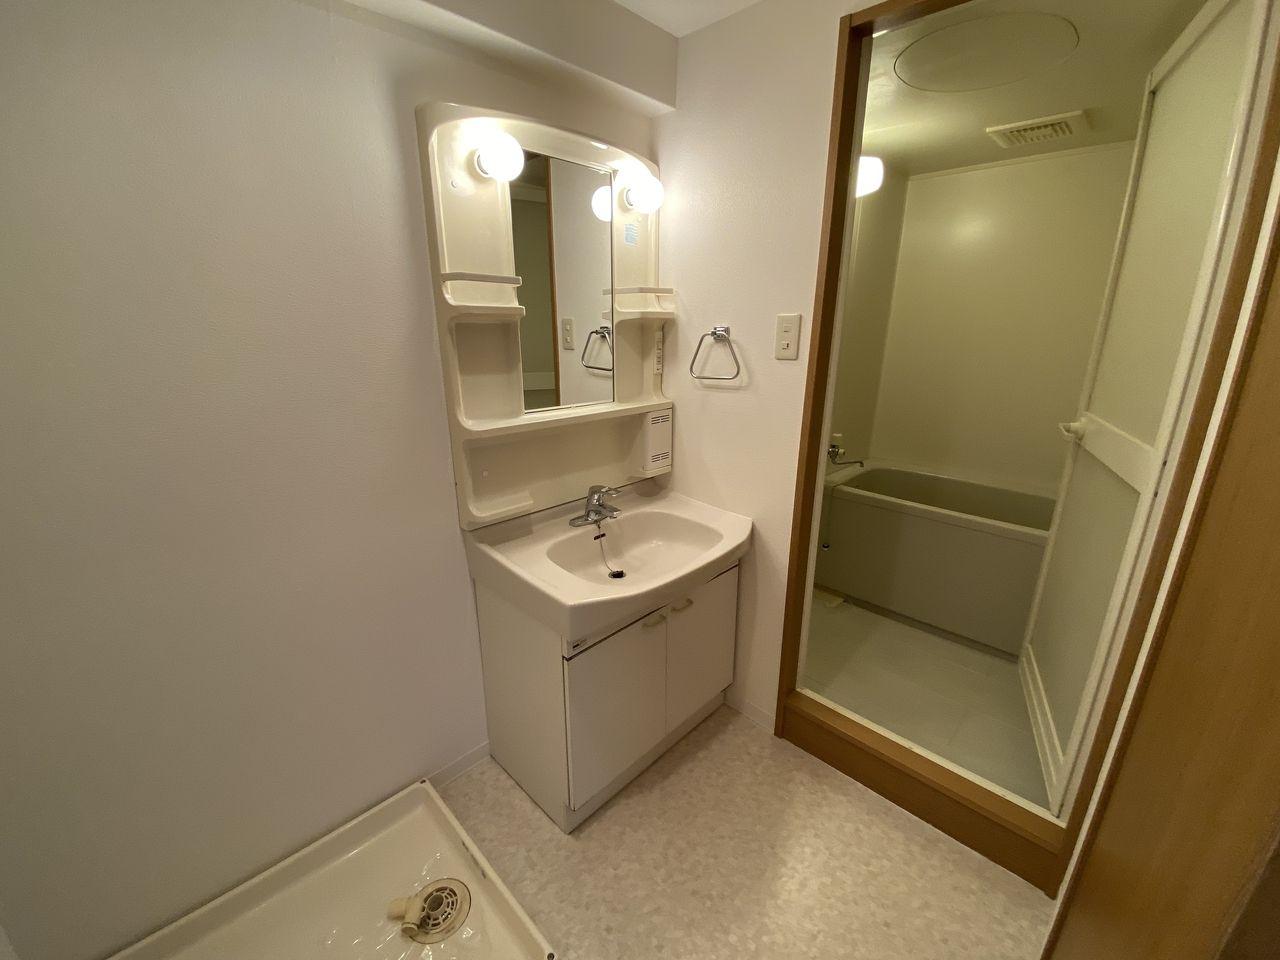 横浜市青葉区美しが丘4-22-5・「アドバンスヴィラ」・洗面化粧台